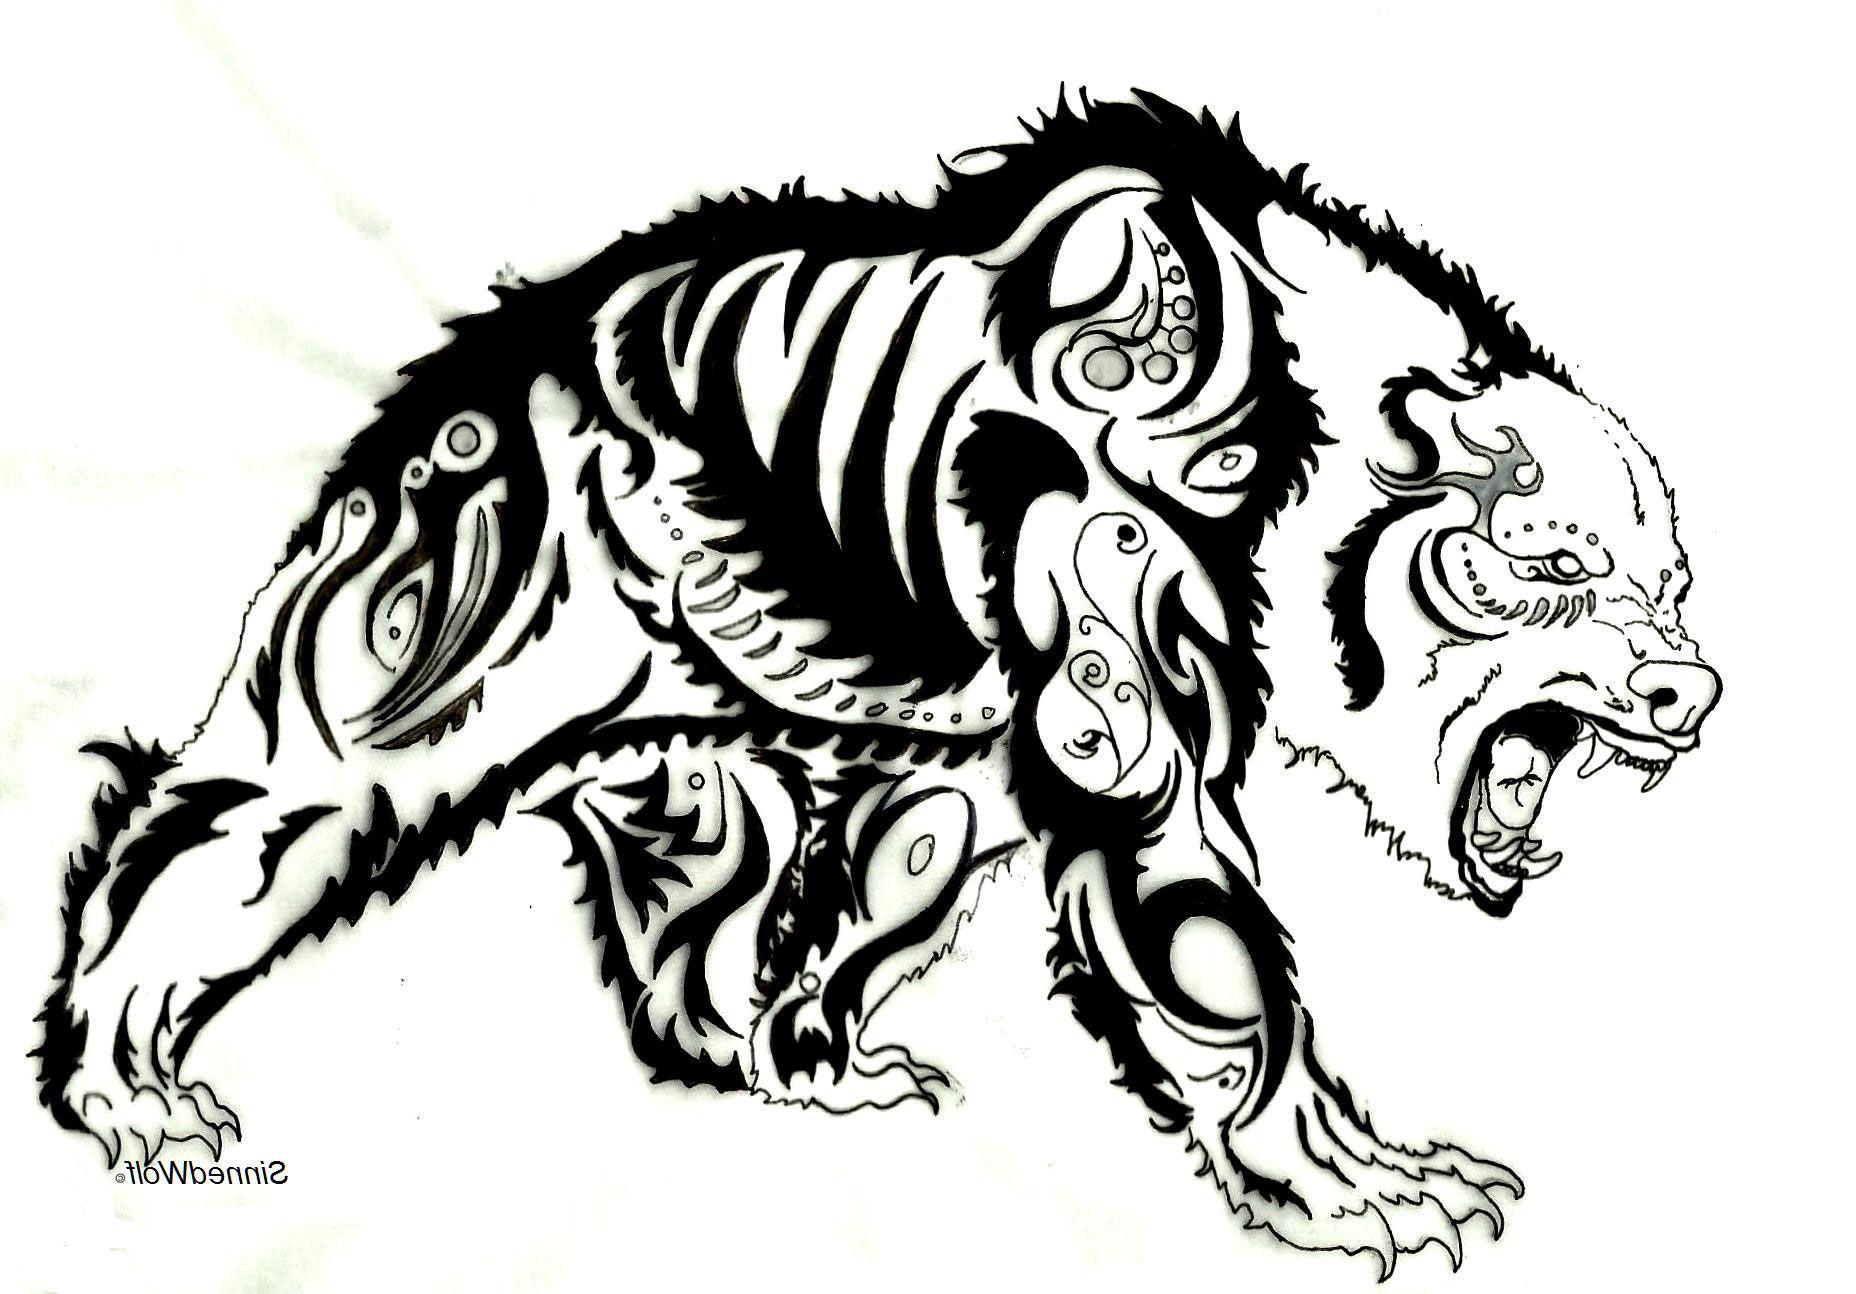 Tribal bear tattoo designs cool tattoos bonbaden for Cool tattoo drawings